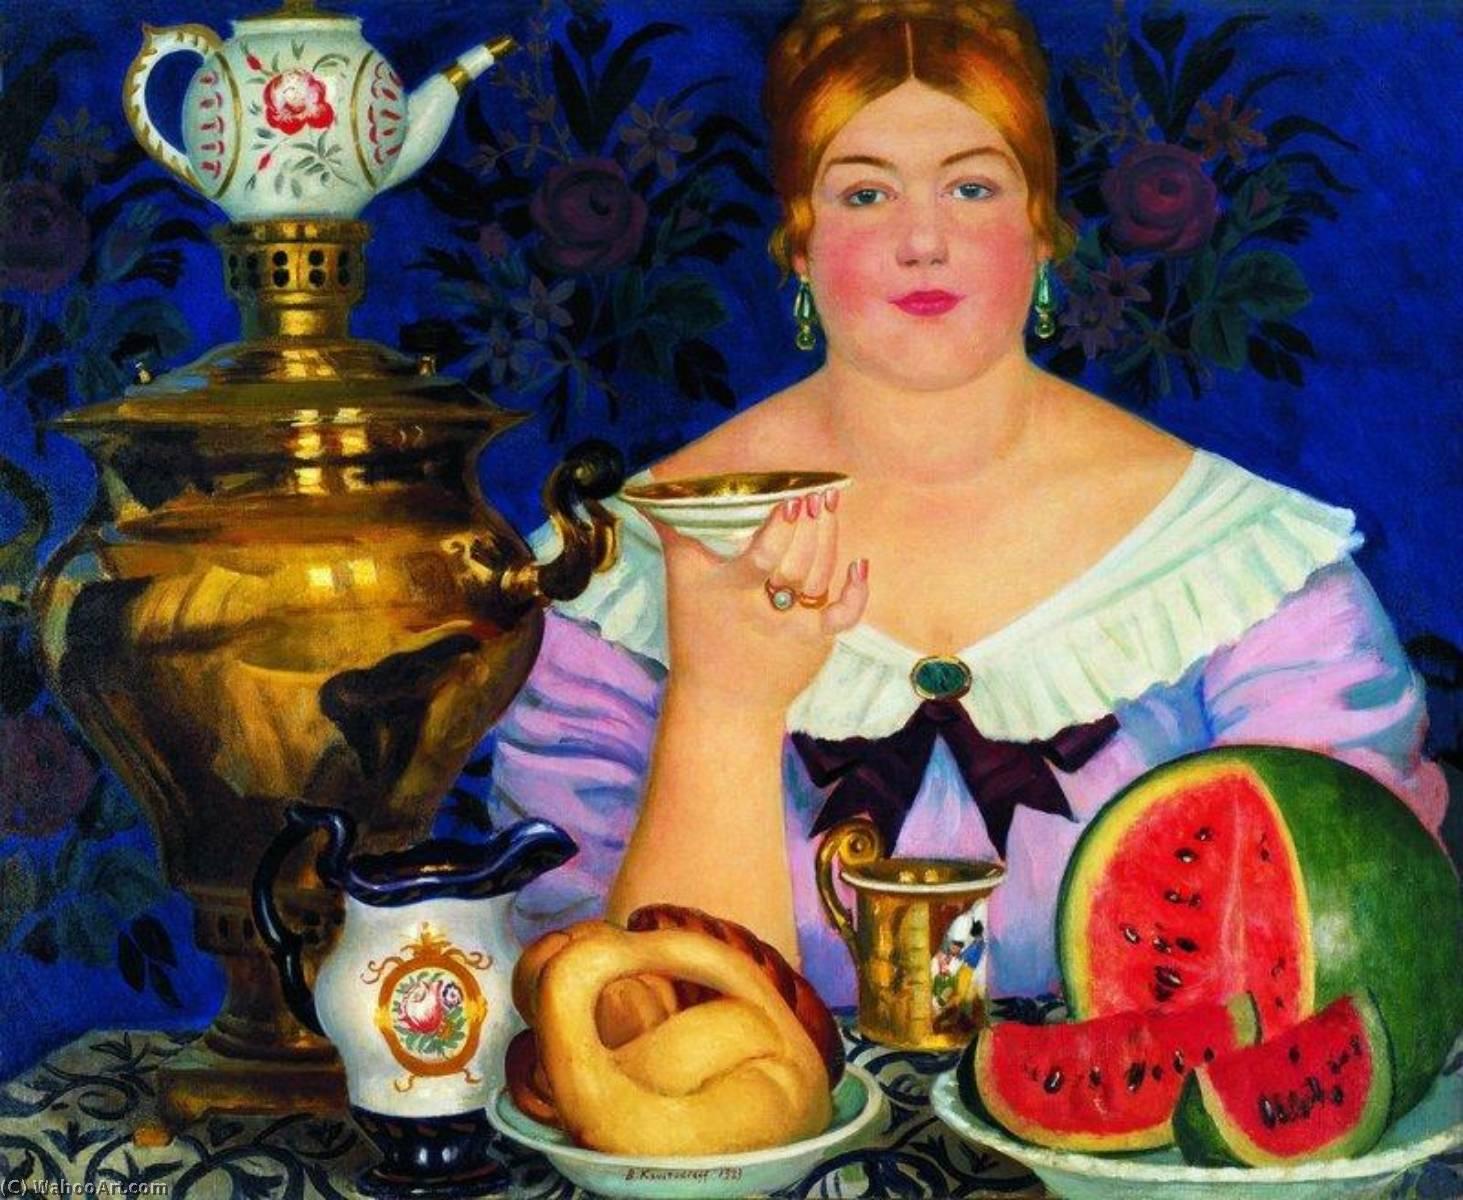 十七世紀,莫斯科商人開始從中國進口茶葉,康熙年間還簽訂長期貿易協定。福建武夷山的茶葉,得經過萬里漫漫長路運輸,價格昂貴,喝茶成為俄國上流社會的身分象徵。圖│Boris Mikhaylovich Kustodiev,1918